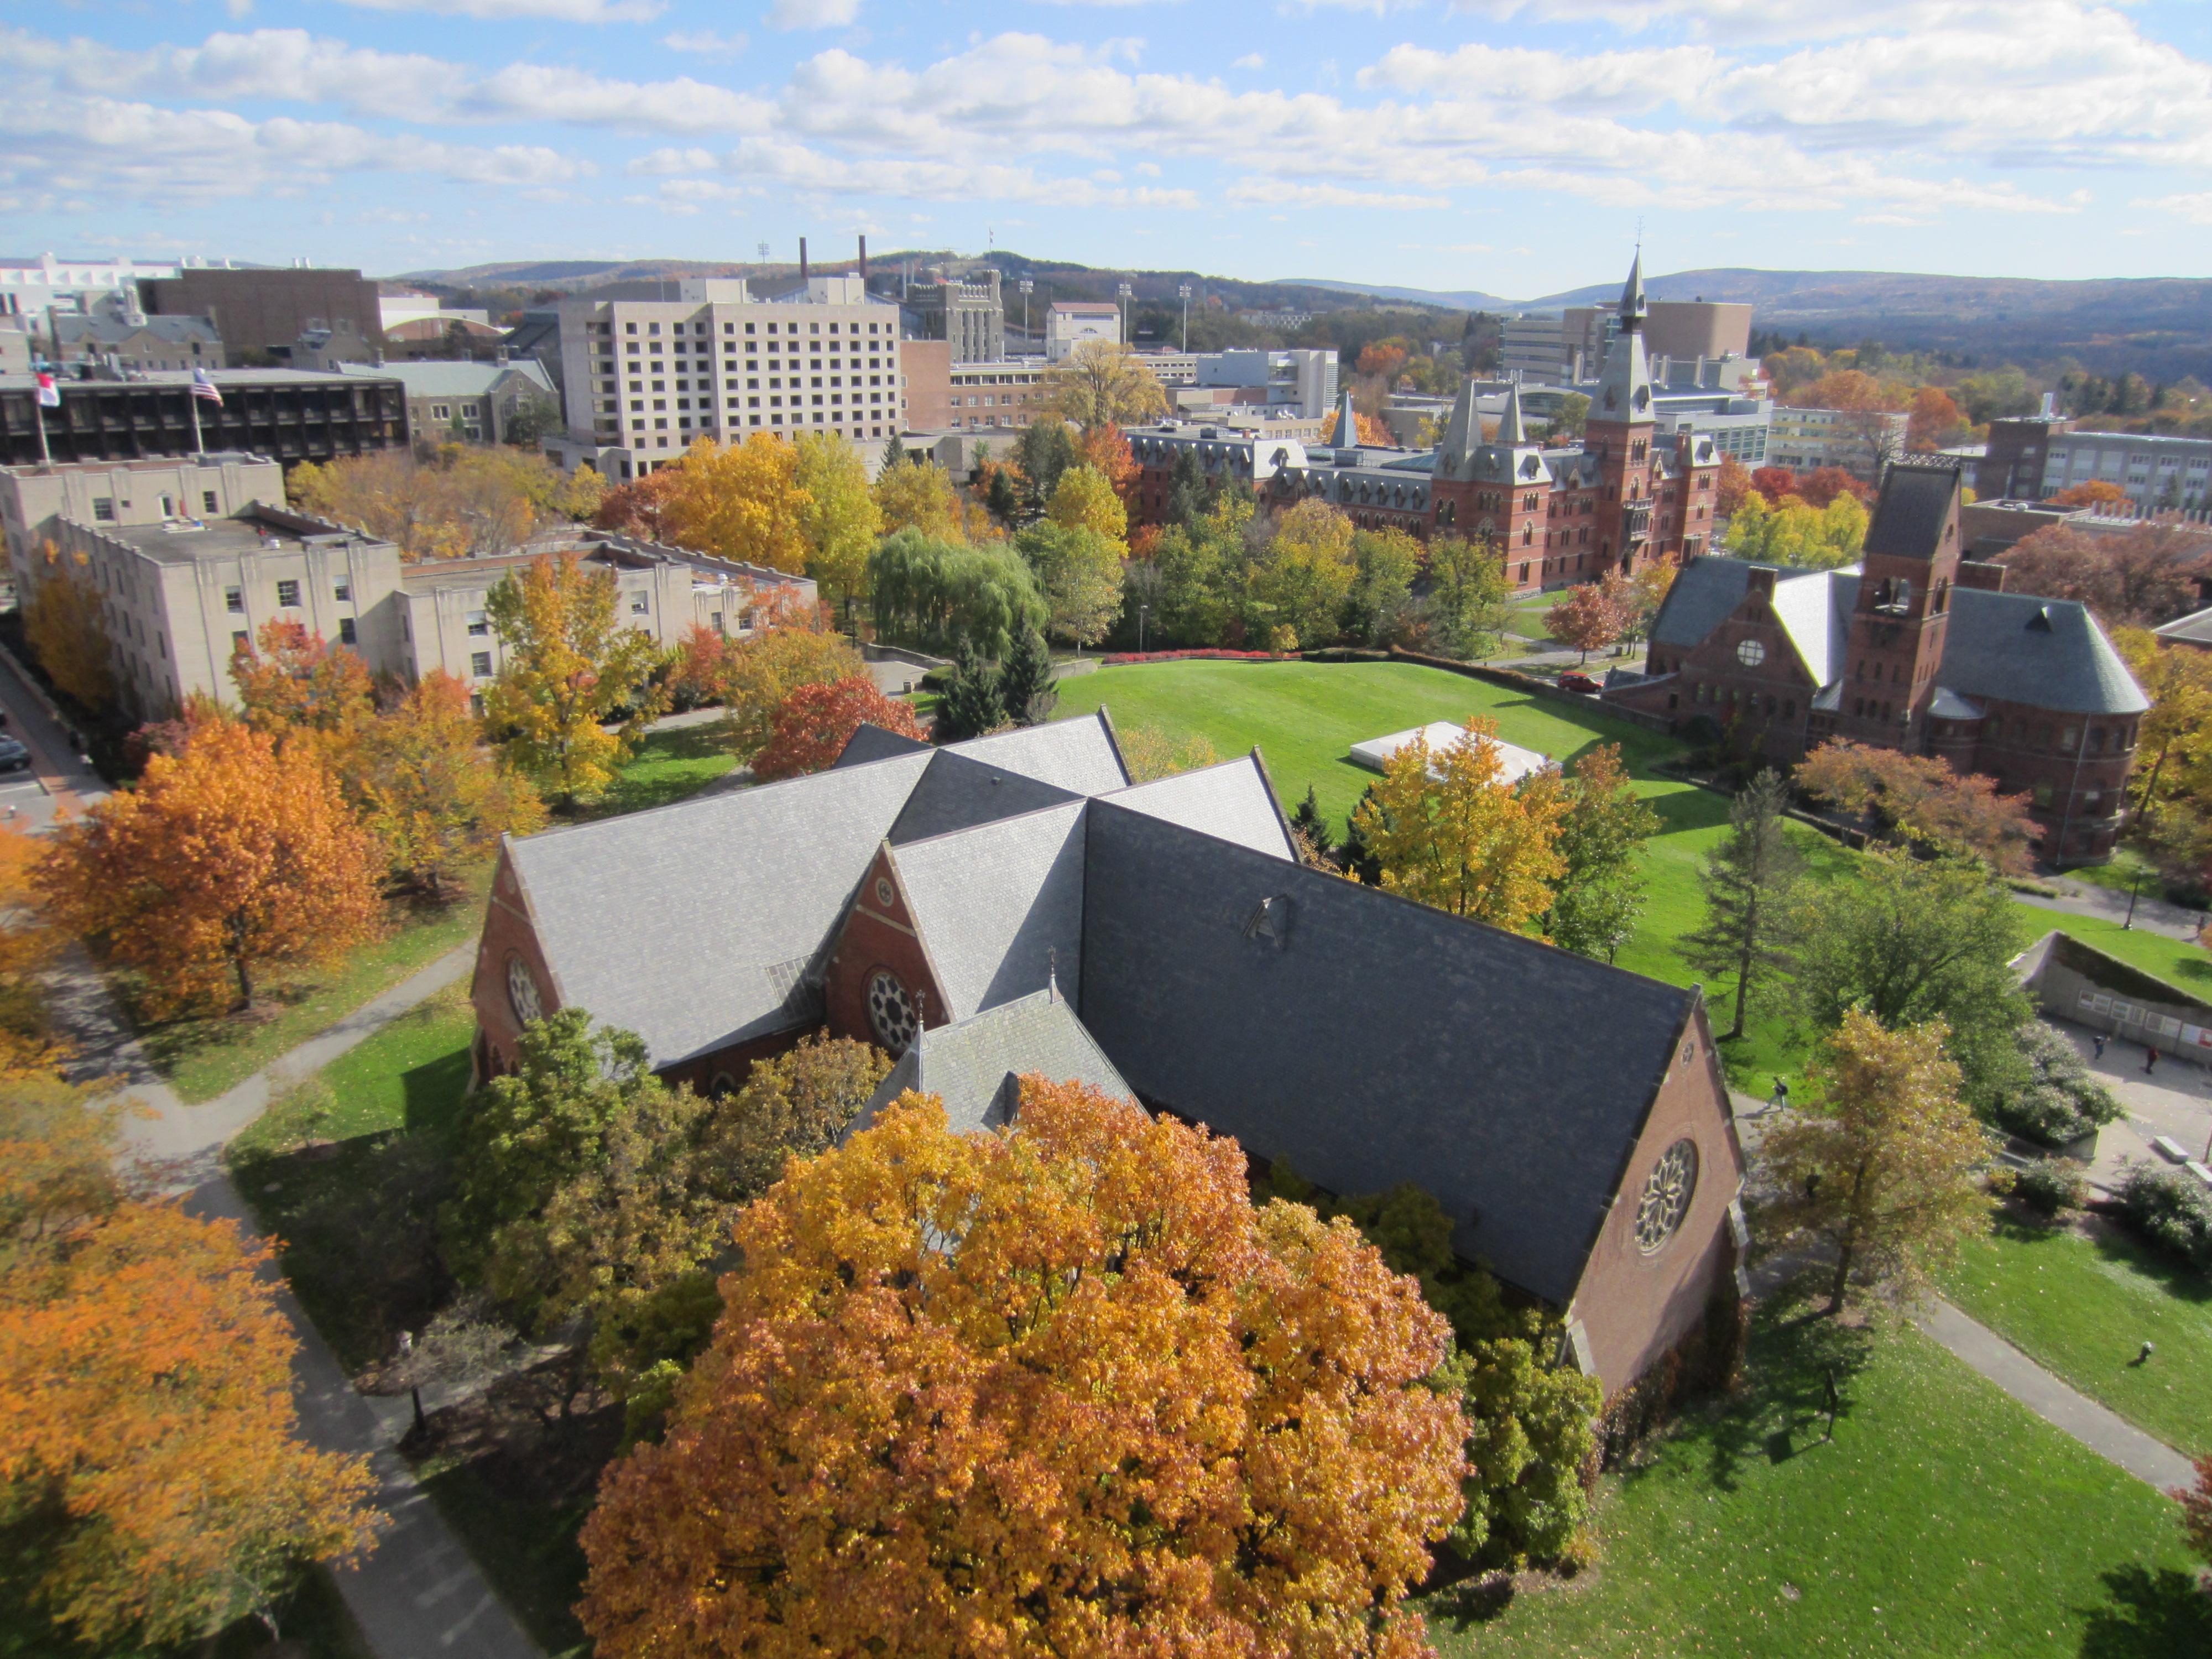 Universidade-Cornell